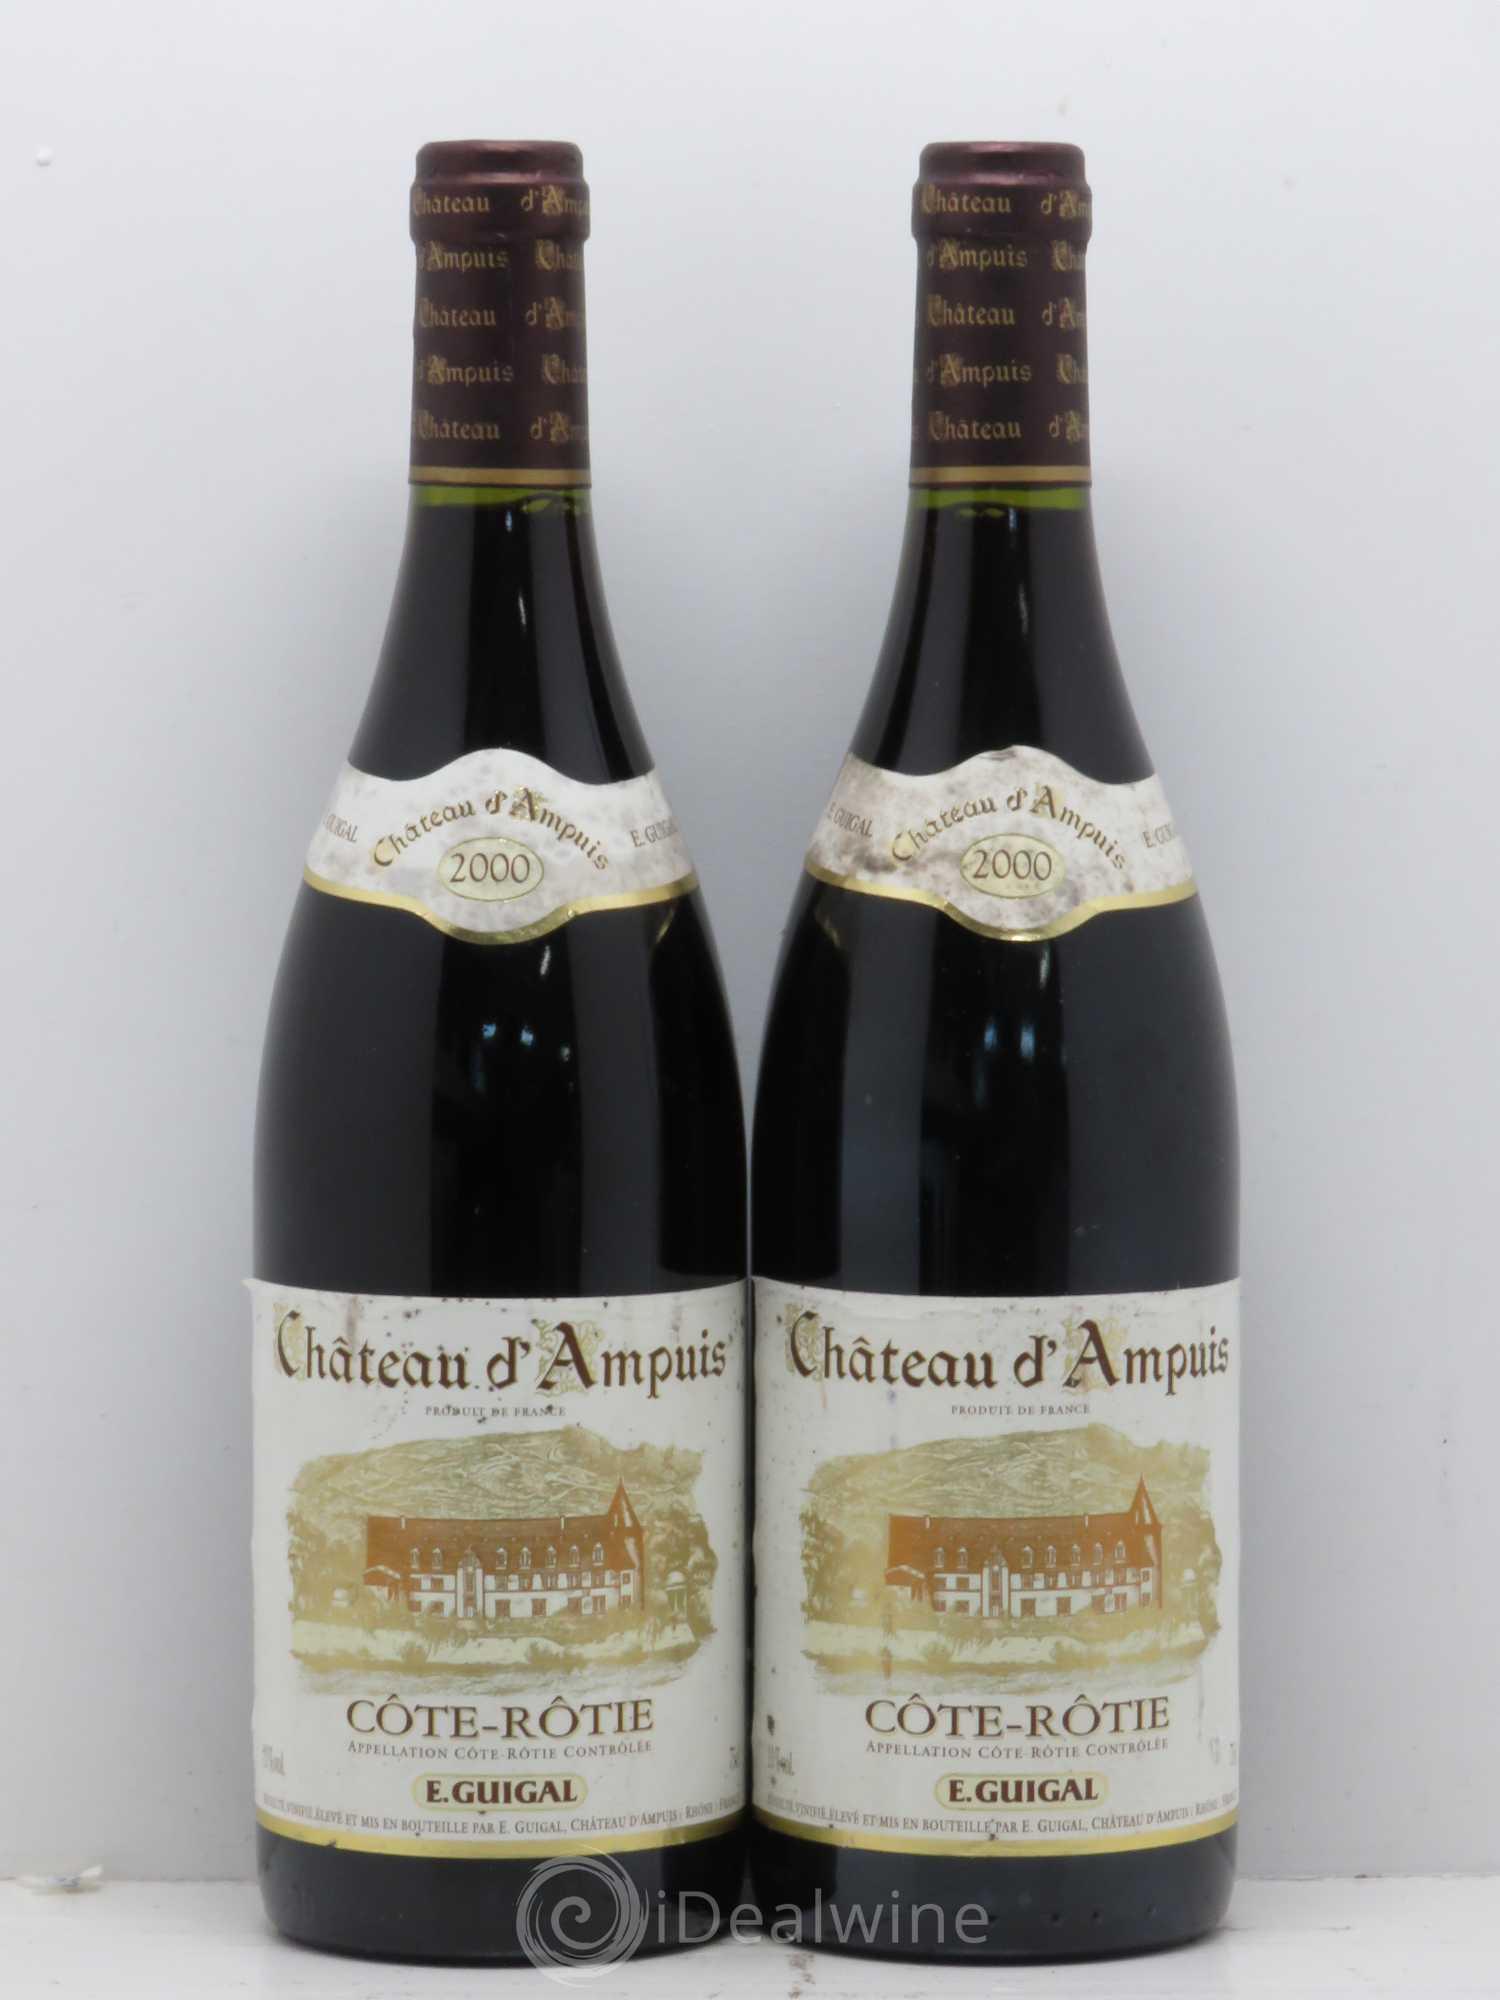 Acheter c te r tie ch teau d 39 ampuis guigal 2000 lot 8588 - Salon des vins ampuis ...